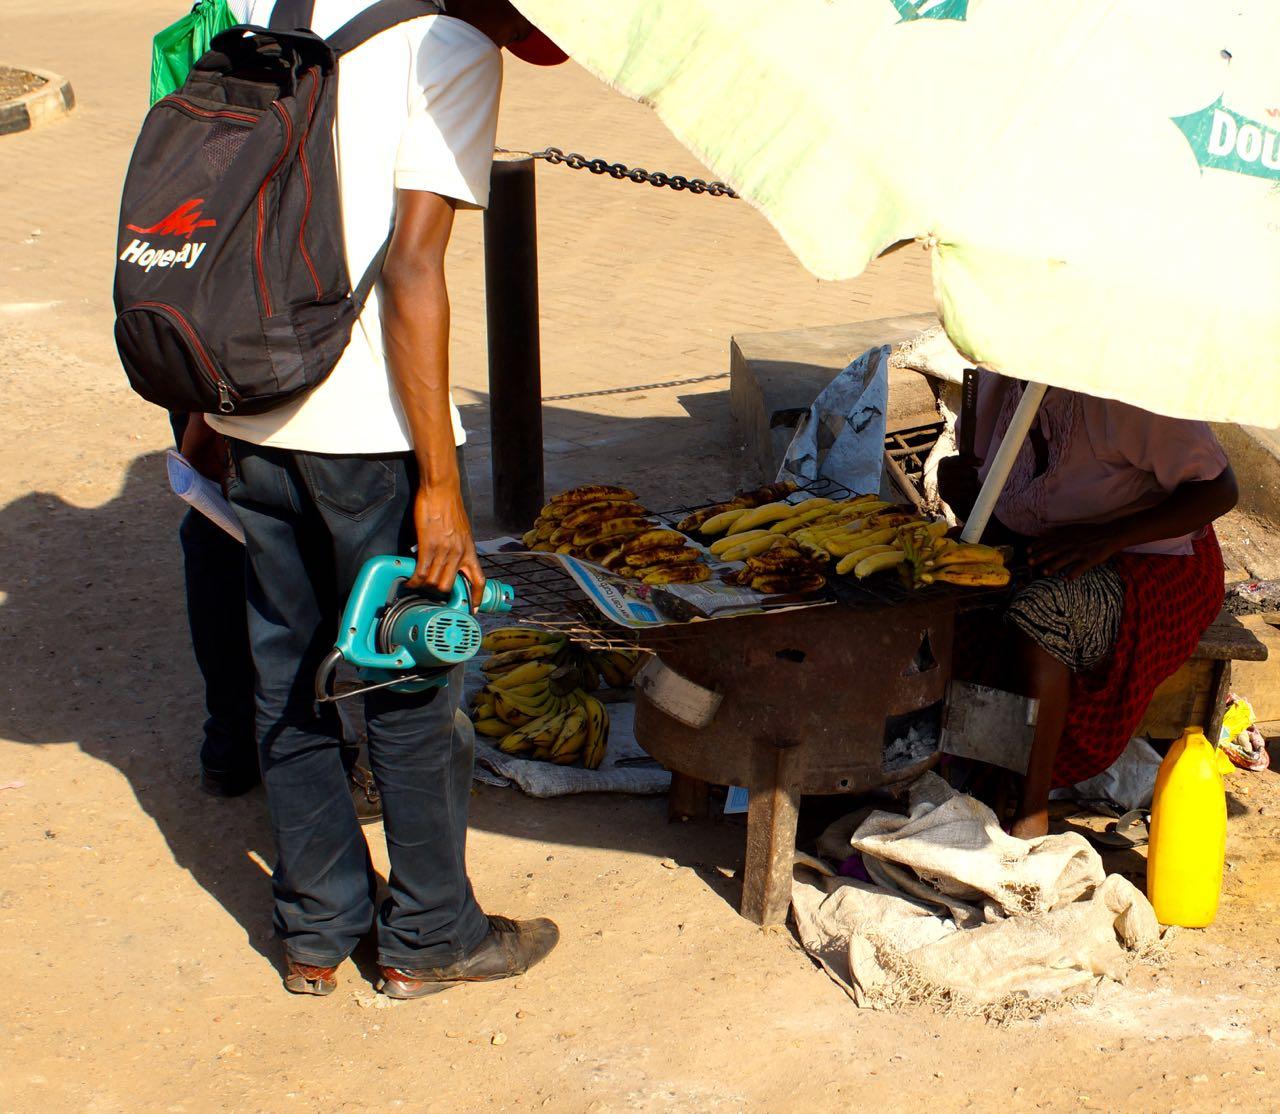 Gegrillte Banane auf dem Markt